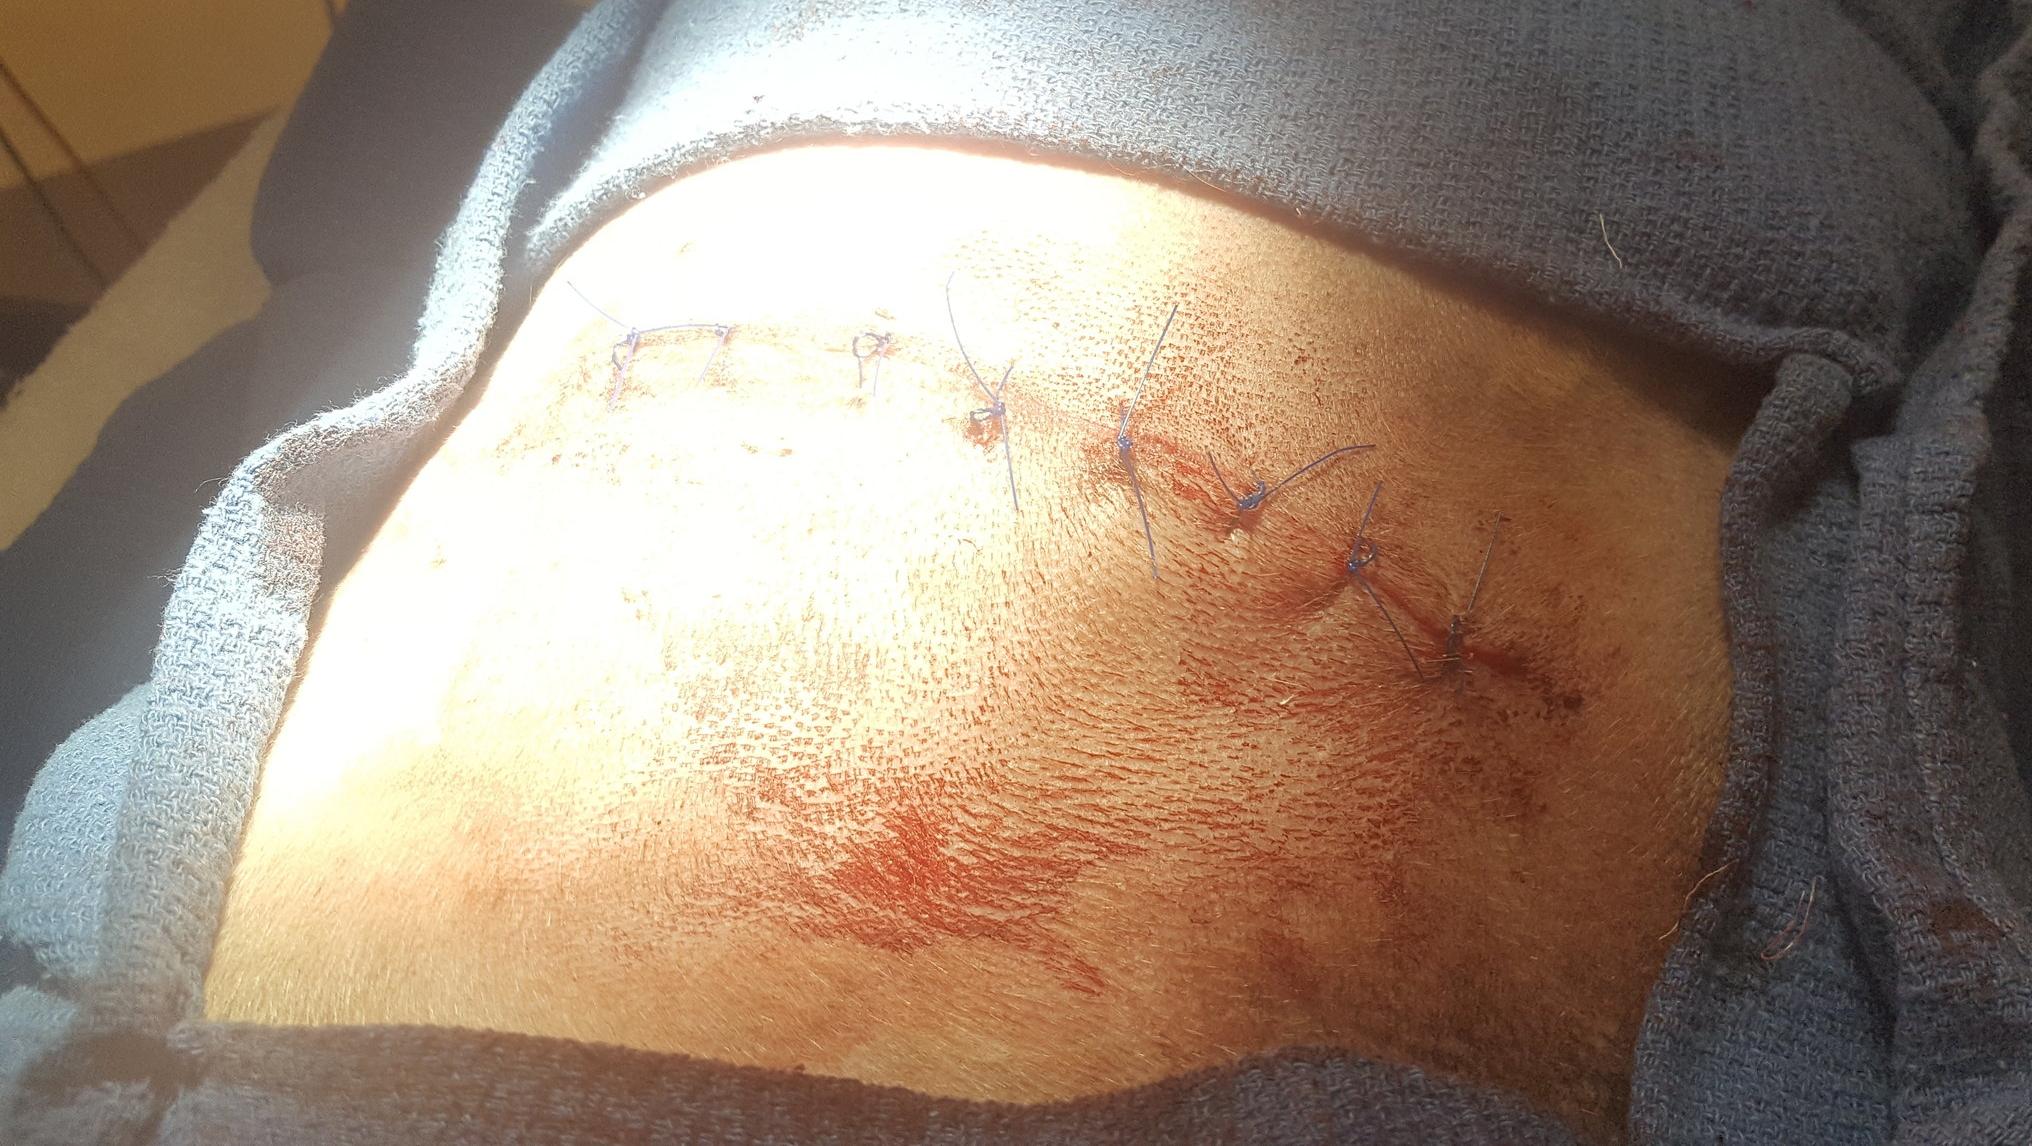 Closed incision